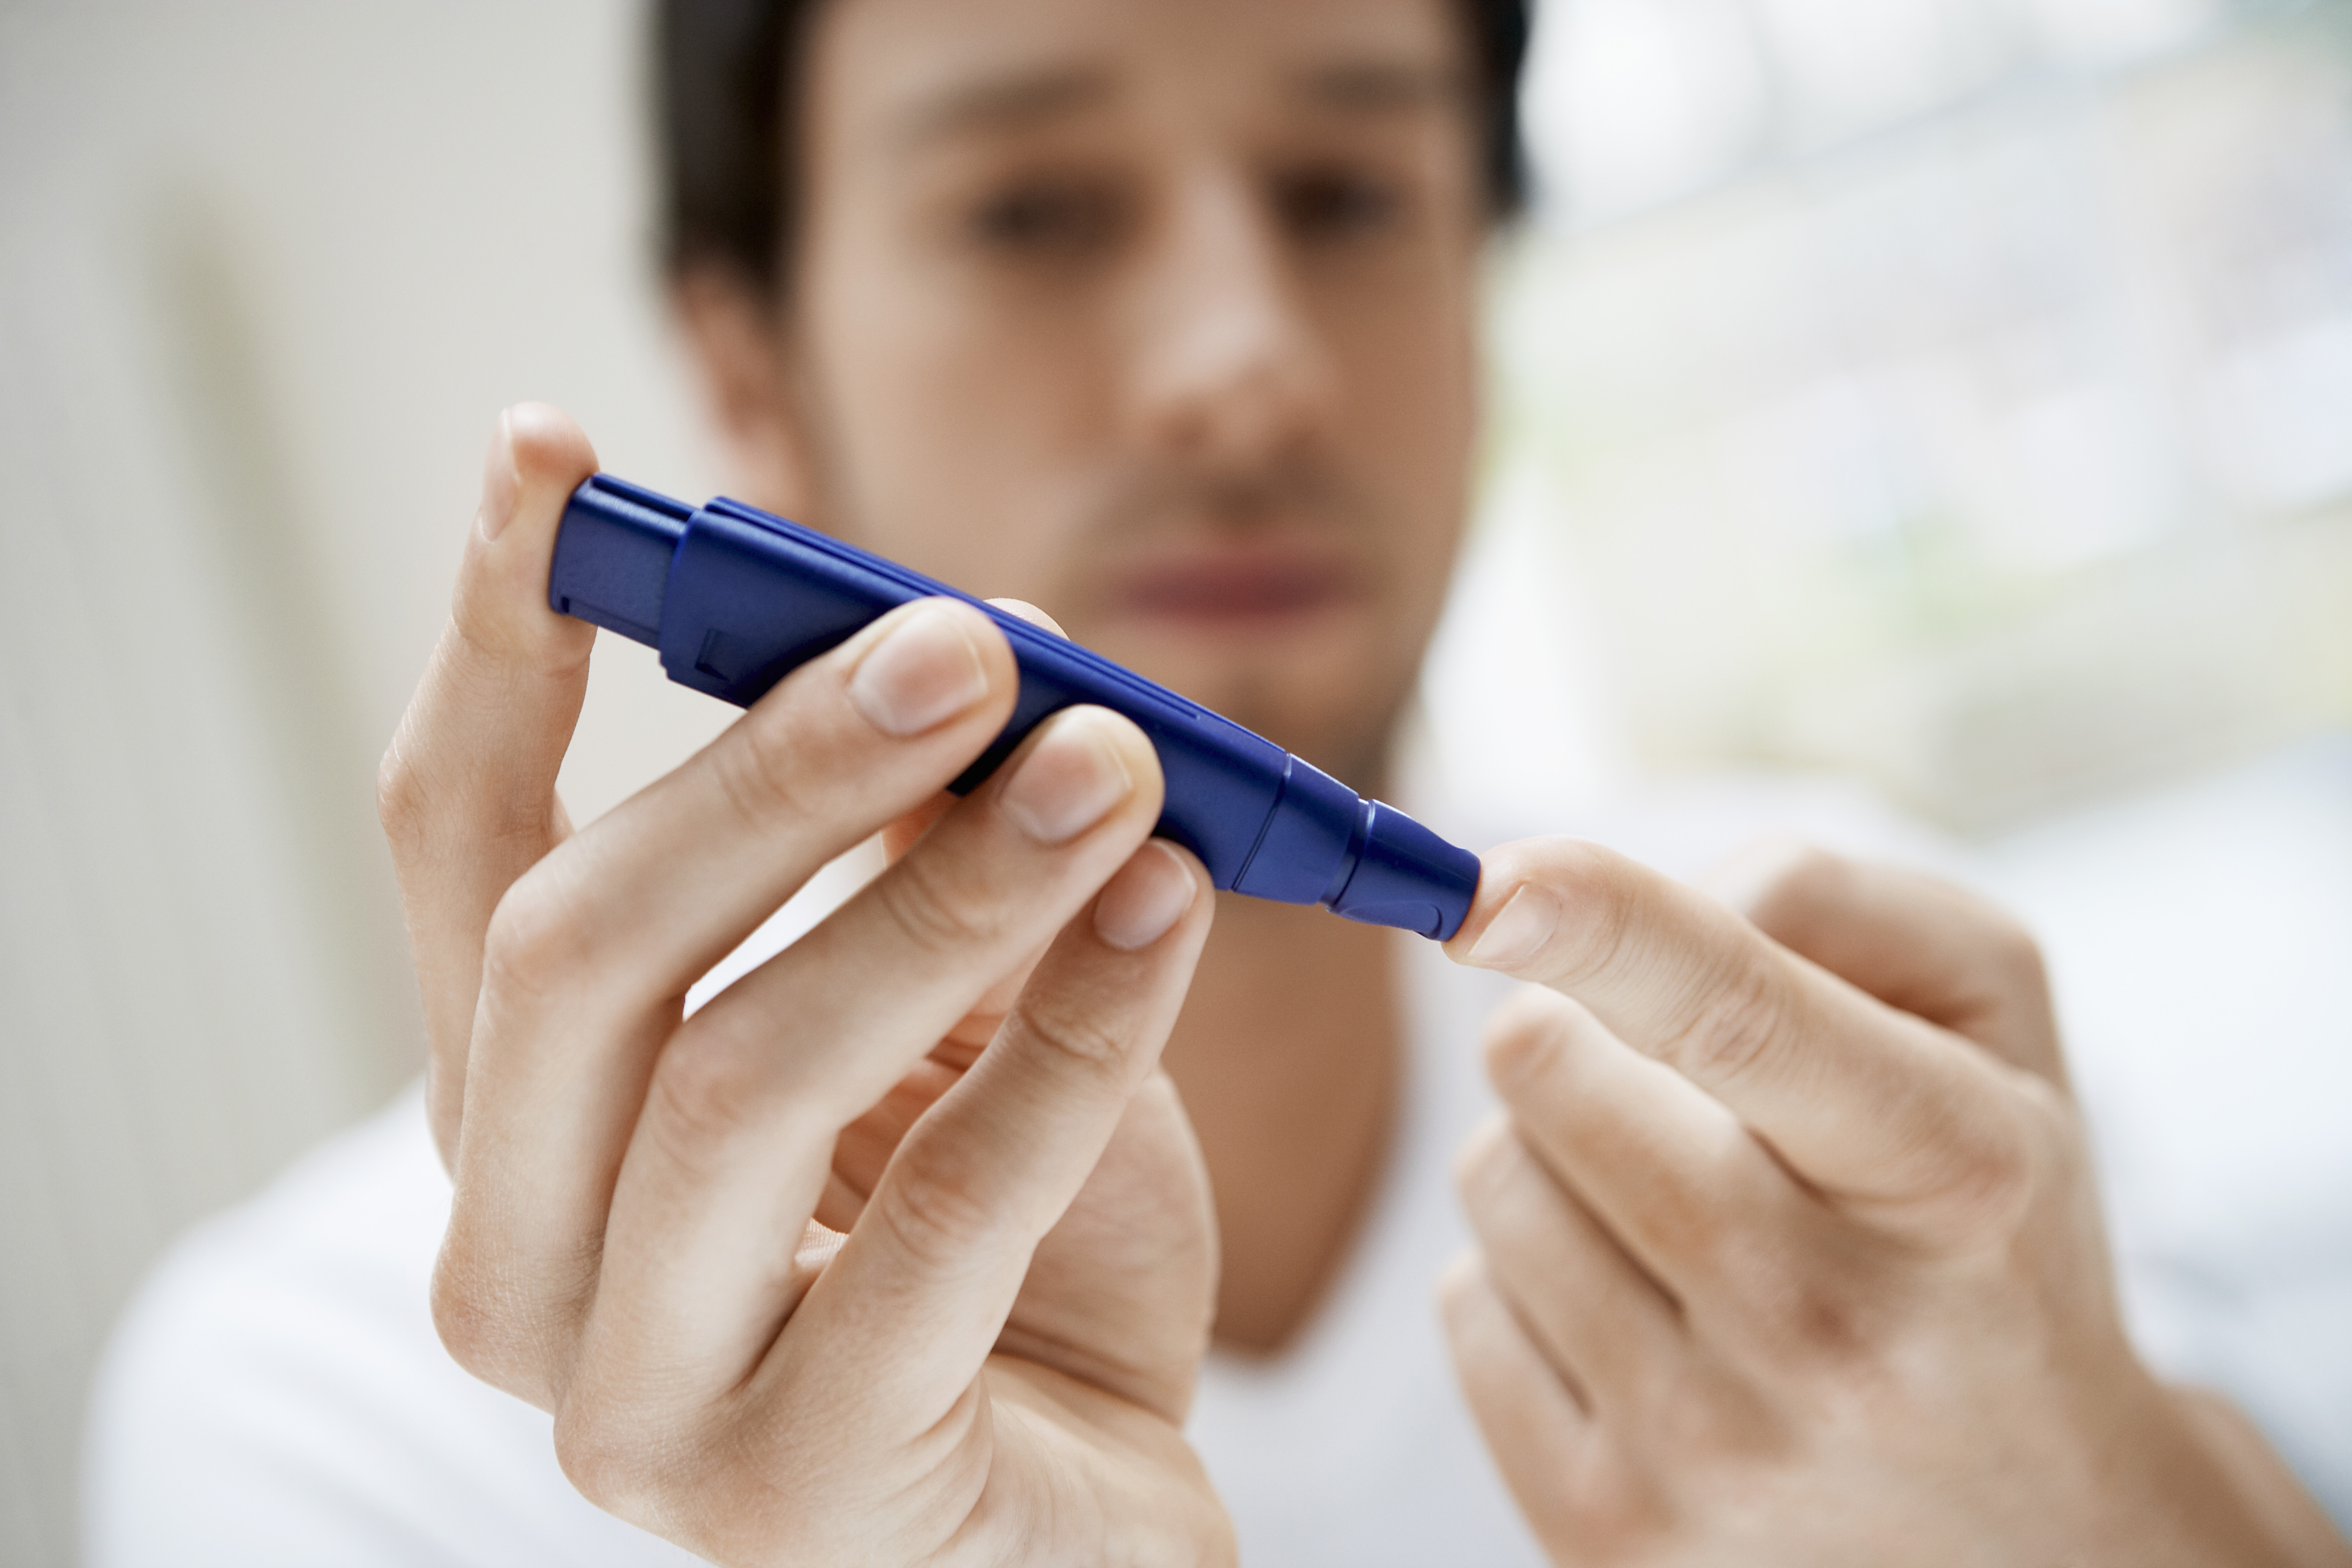 Cum se poate preveni cea mai frecventă complicație a diabetului, fără medicamente